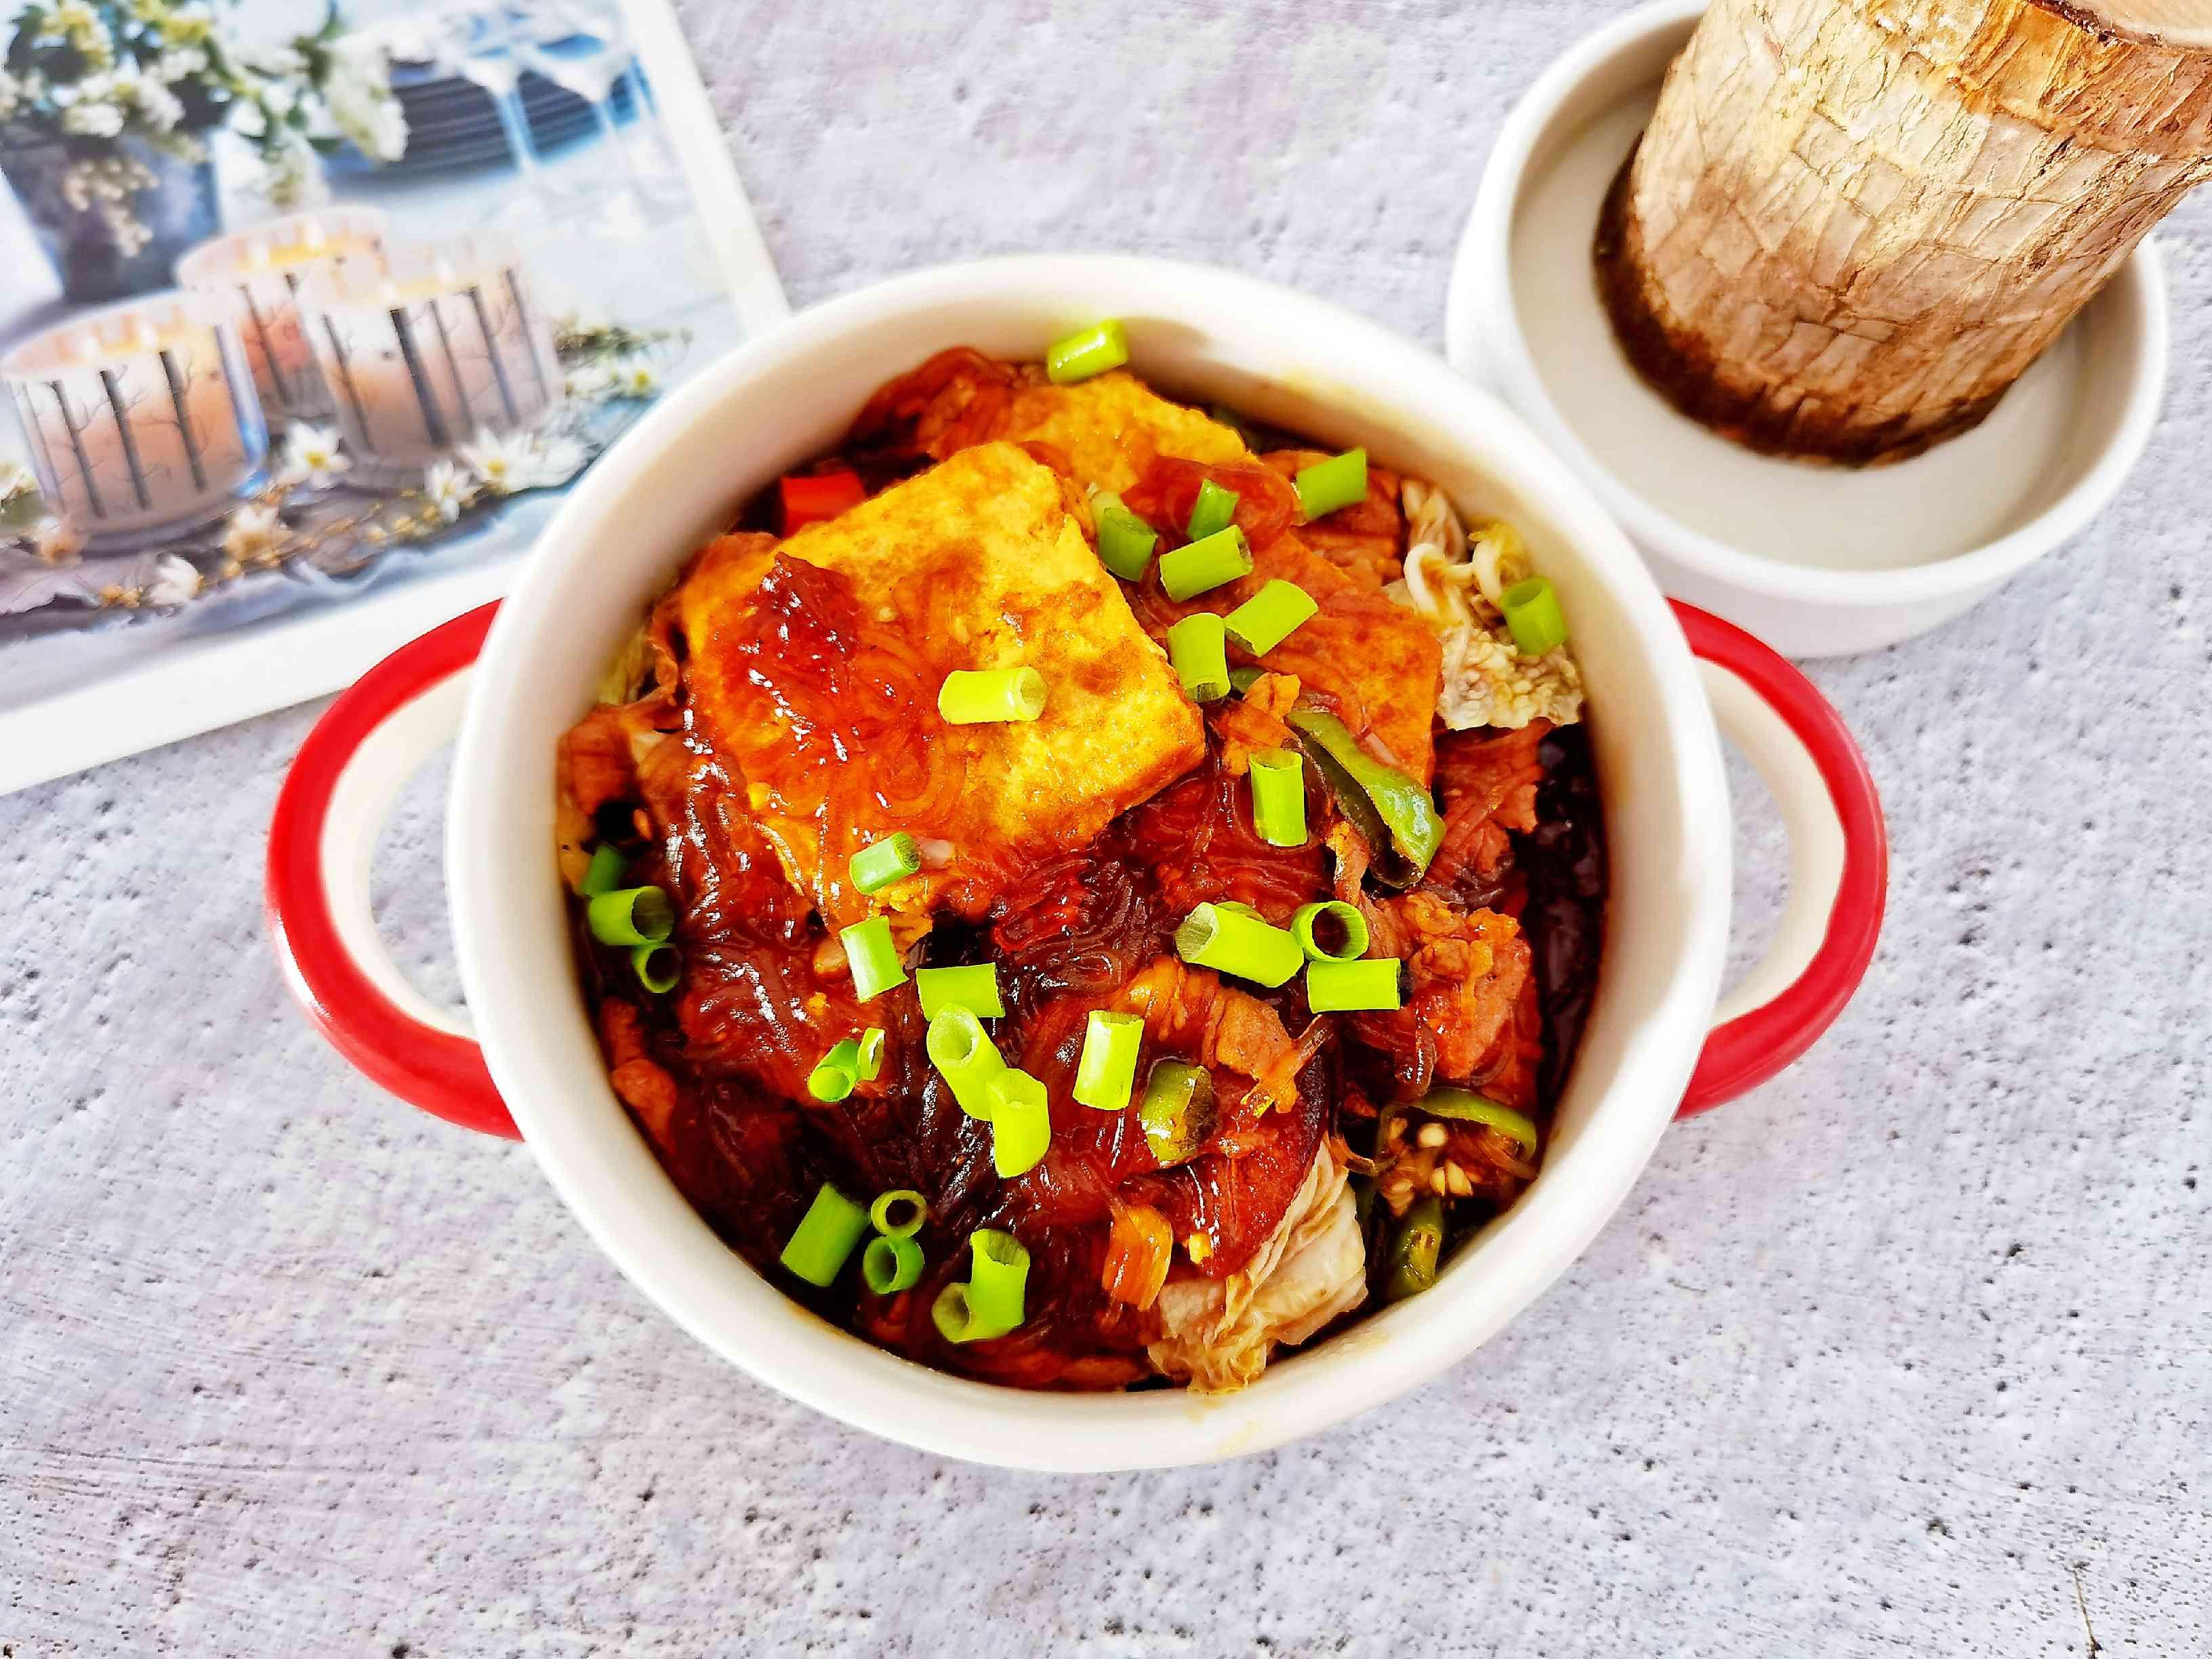 冬日暖胃家常菜-豆腐粉丝煲,荤素搭配,经济实惠又美味成品图